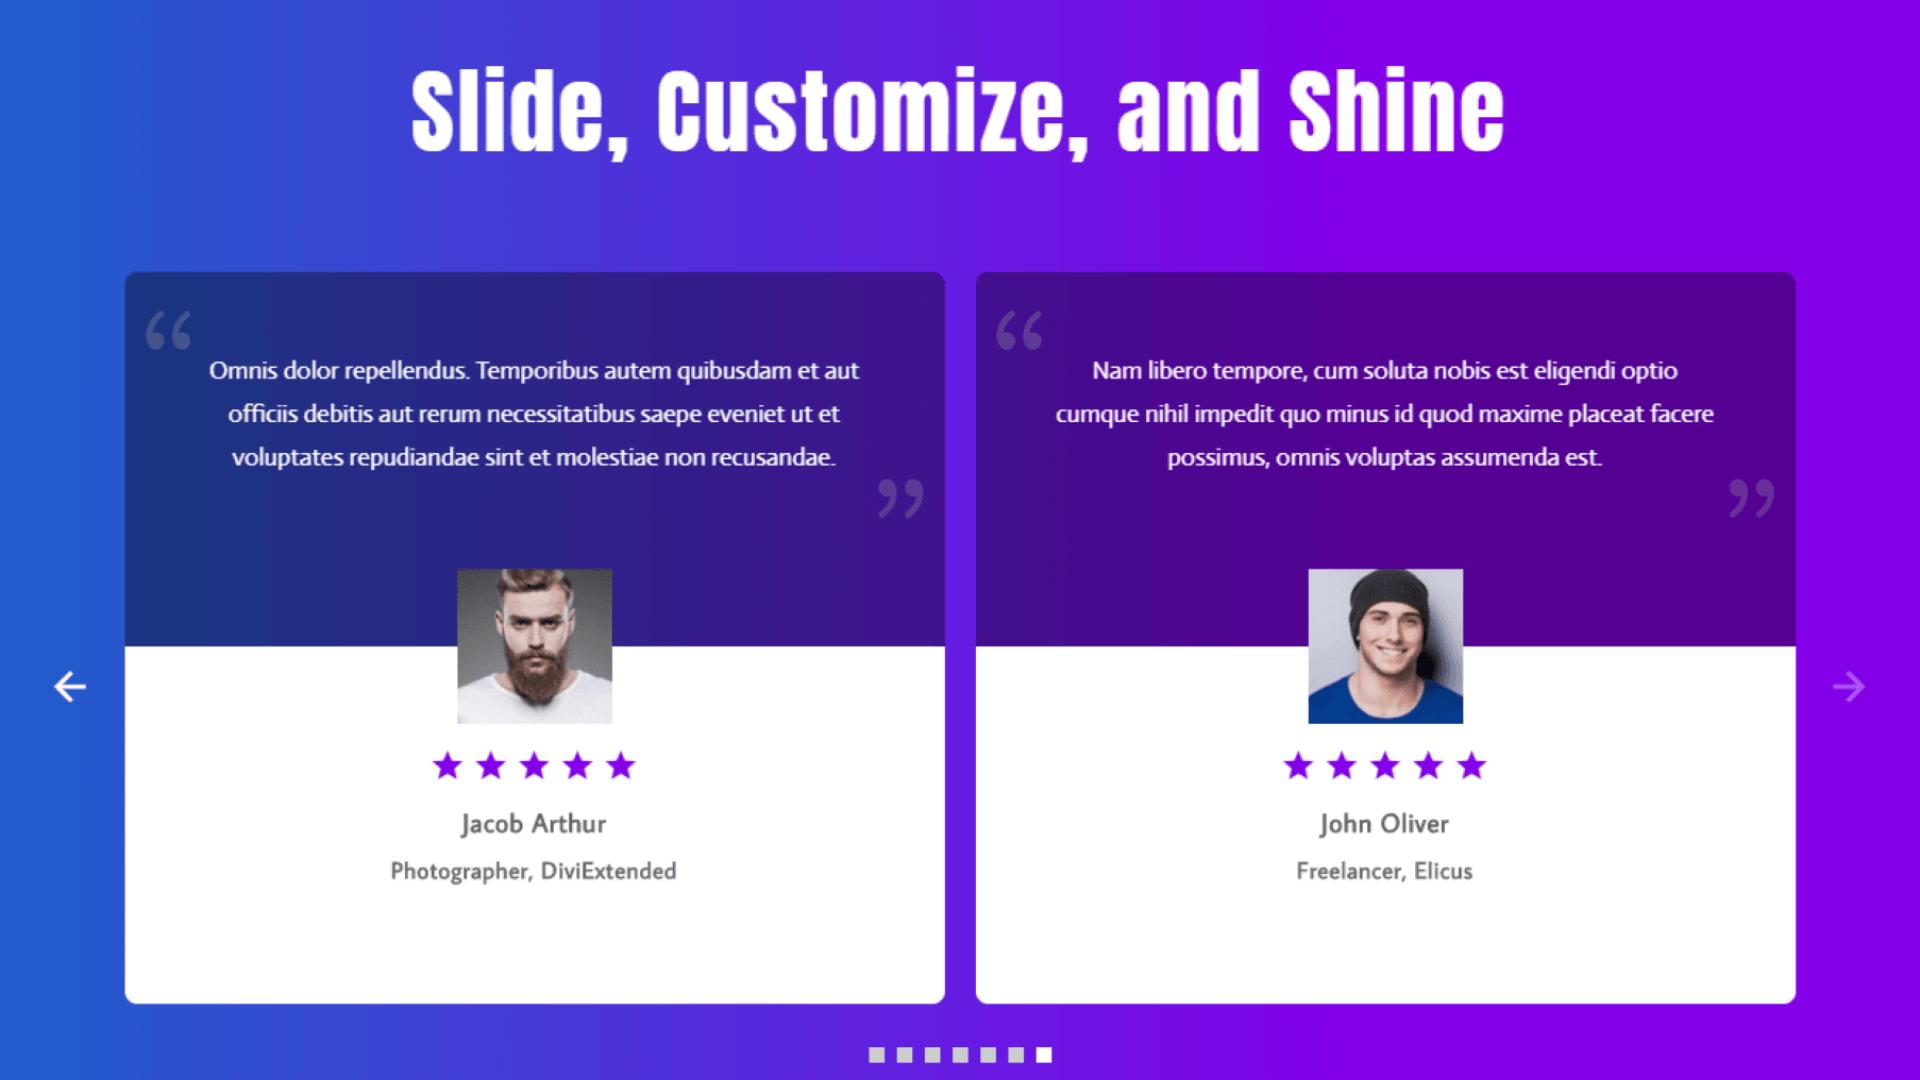 divi testimonial slider examples 1